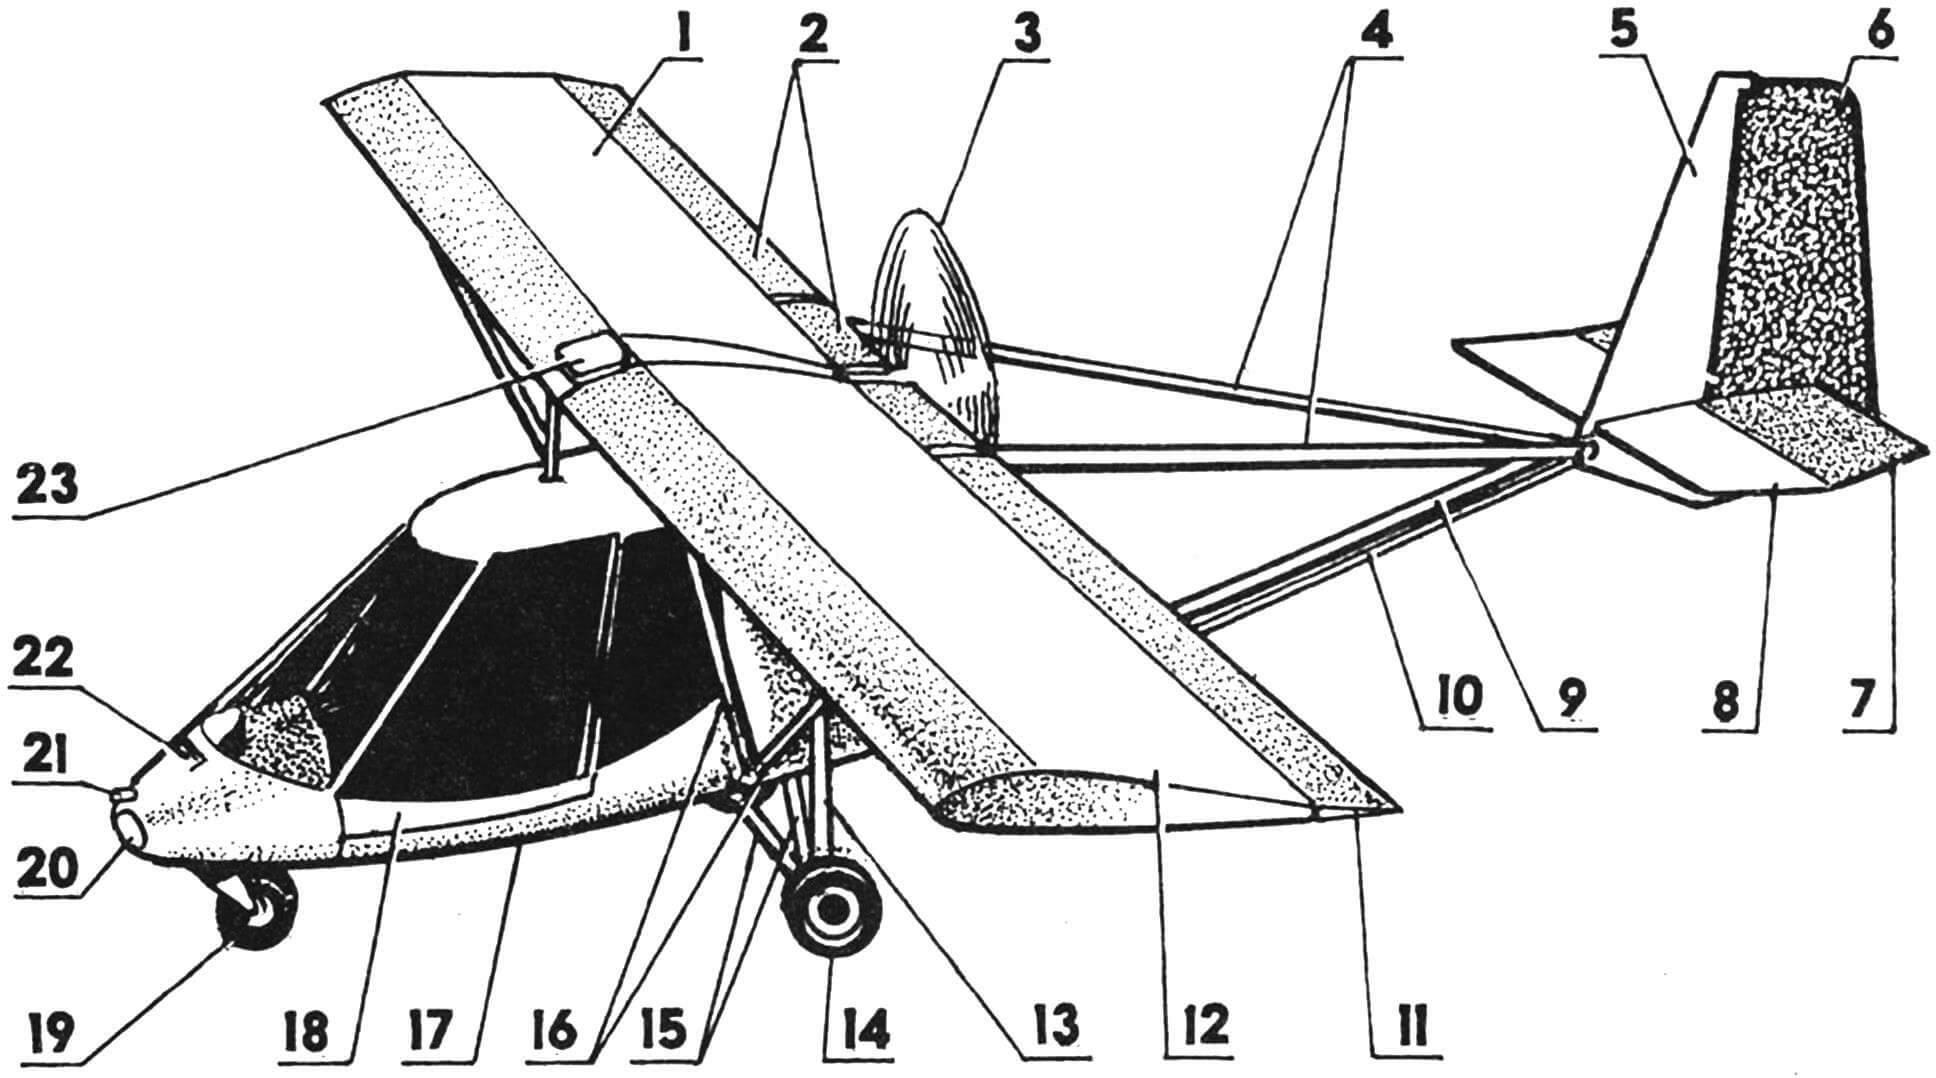 Основные составляющие планера самолета